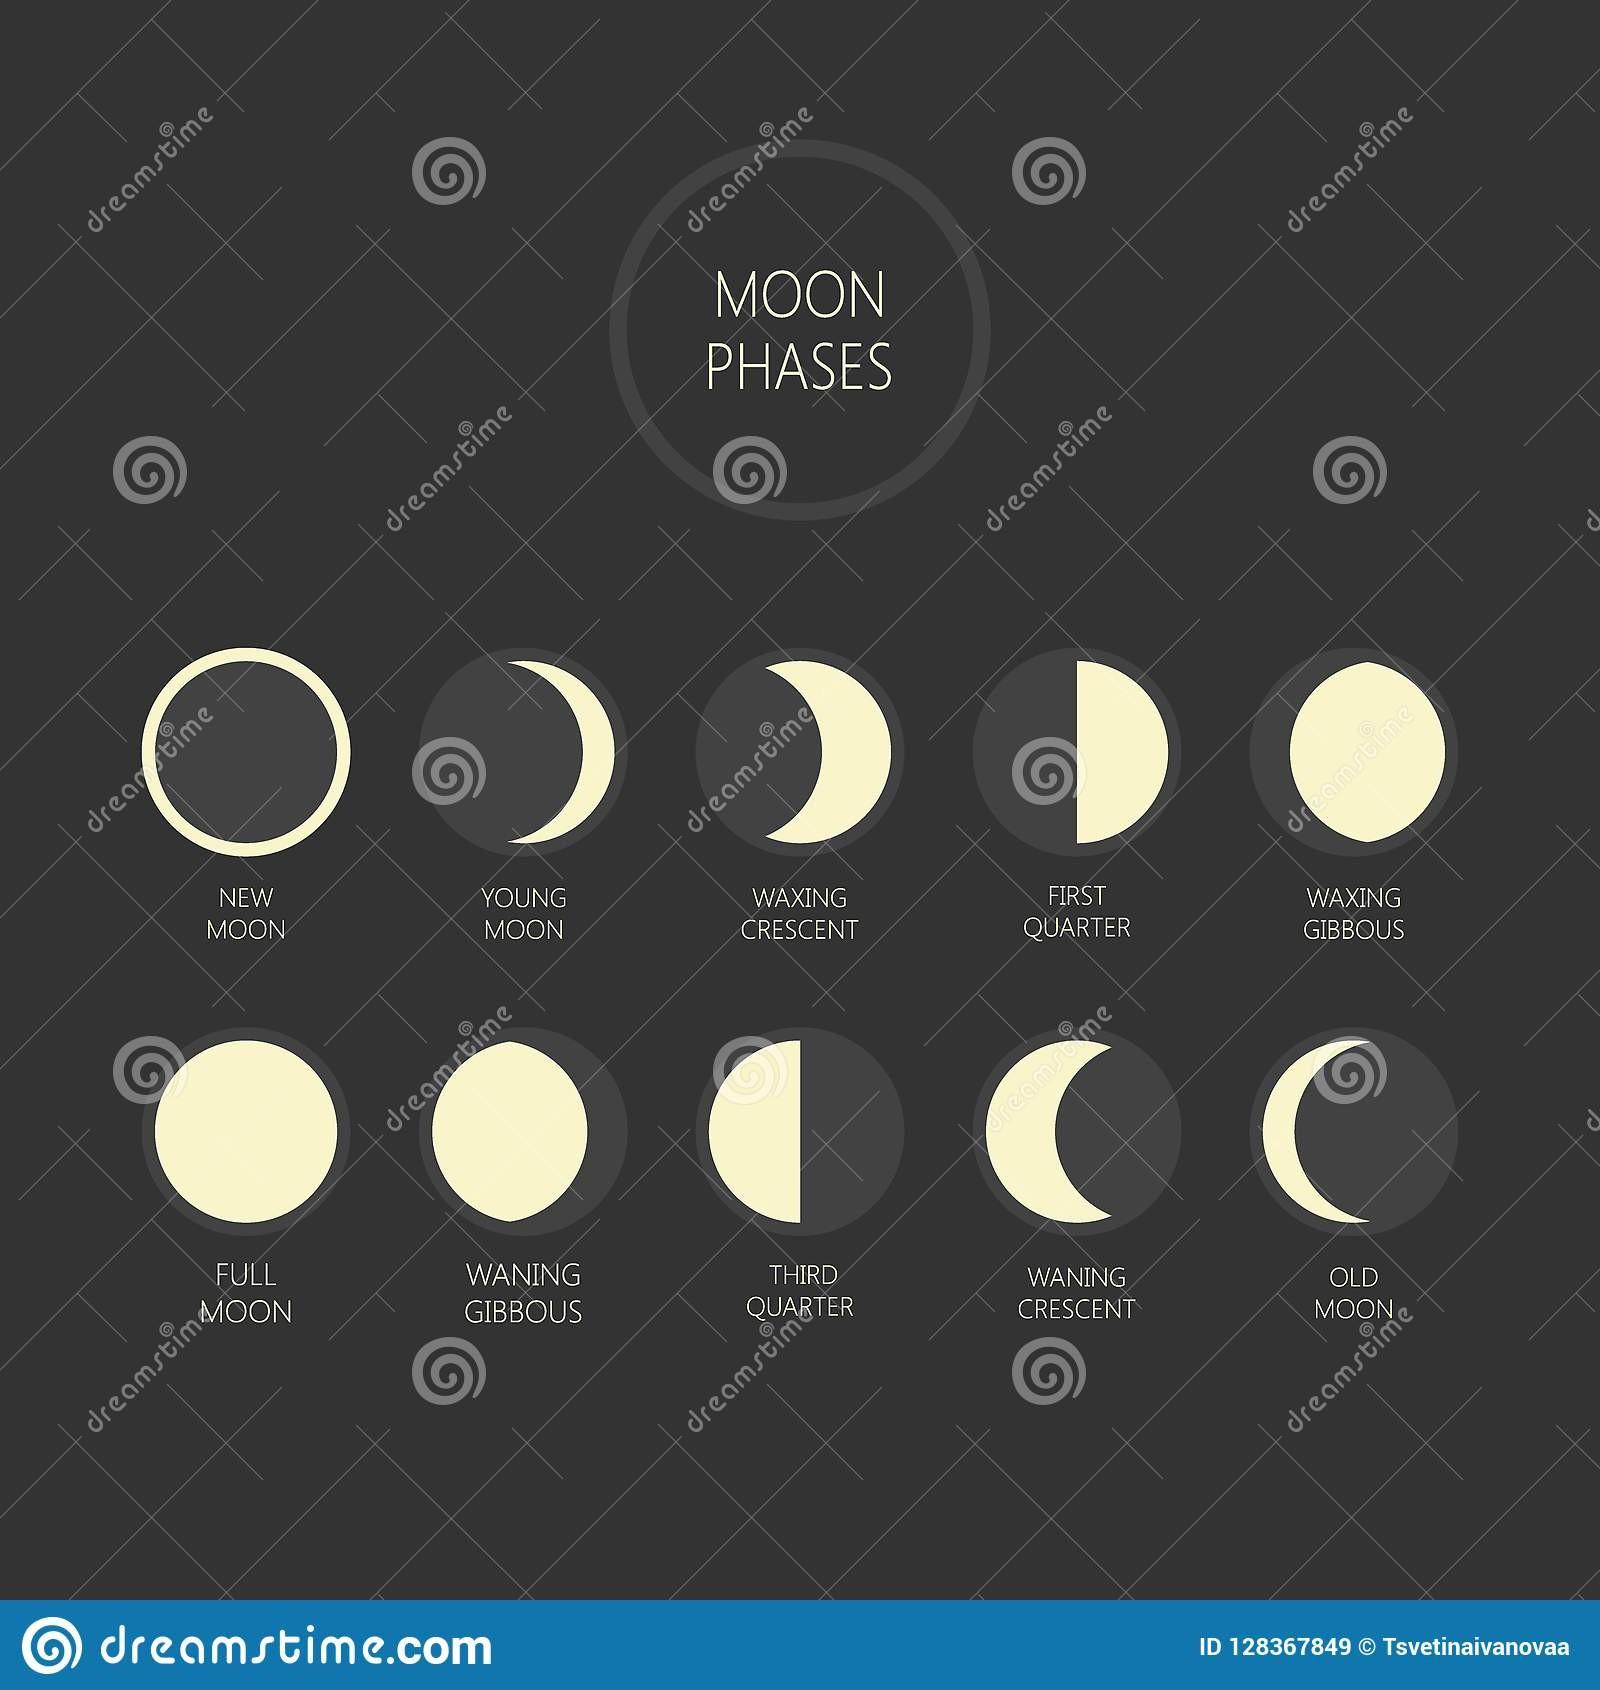 Lua Calendrio lunar e Fases da lua t